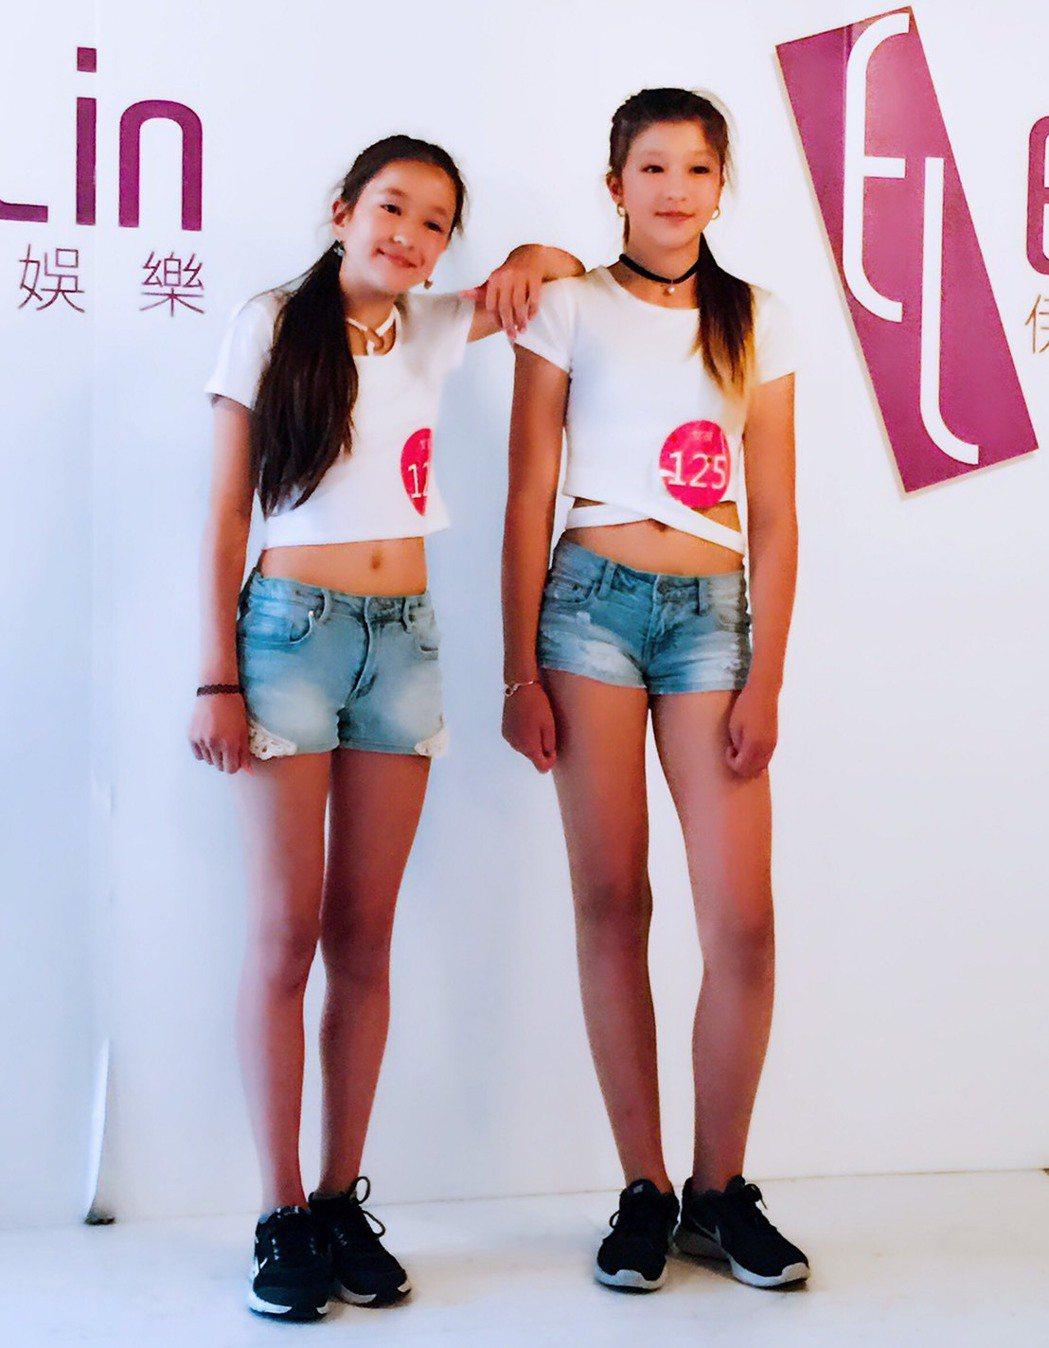 台捷混血姐妹花,13歲何芮函(右)、妹妹12歲何芮曦都是10頭身美少女。圖/伊林...